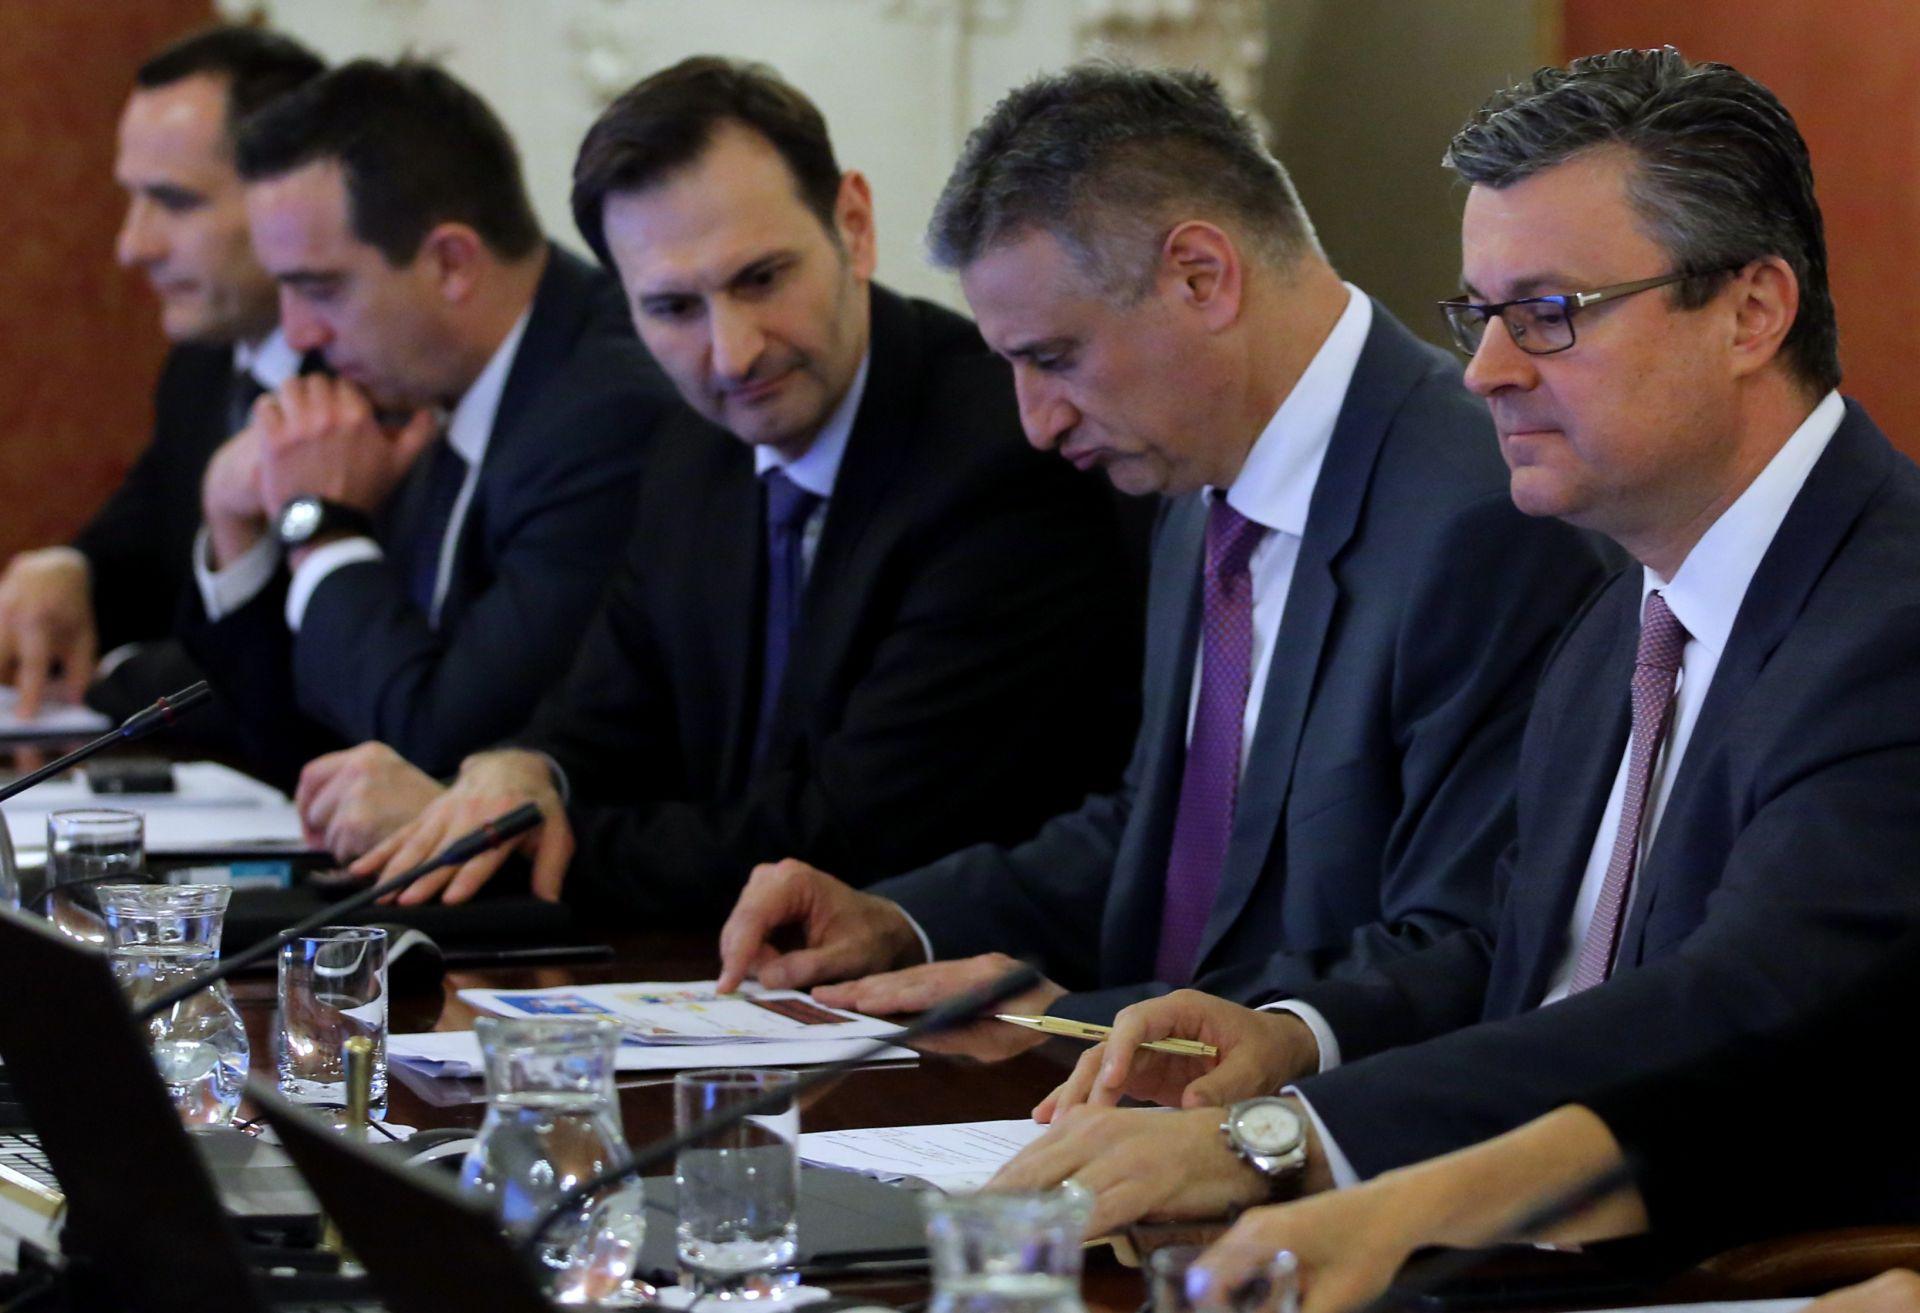 ZATVORENI DIO SJEDNICE: Prihvaćenostajalište za sastanak Vijeća za pravosuđe i unutarnje poslove